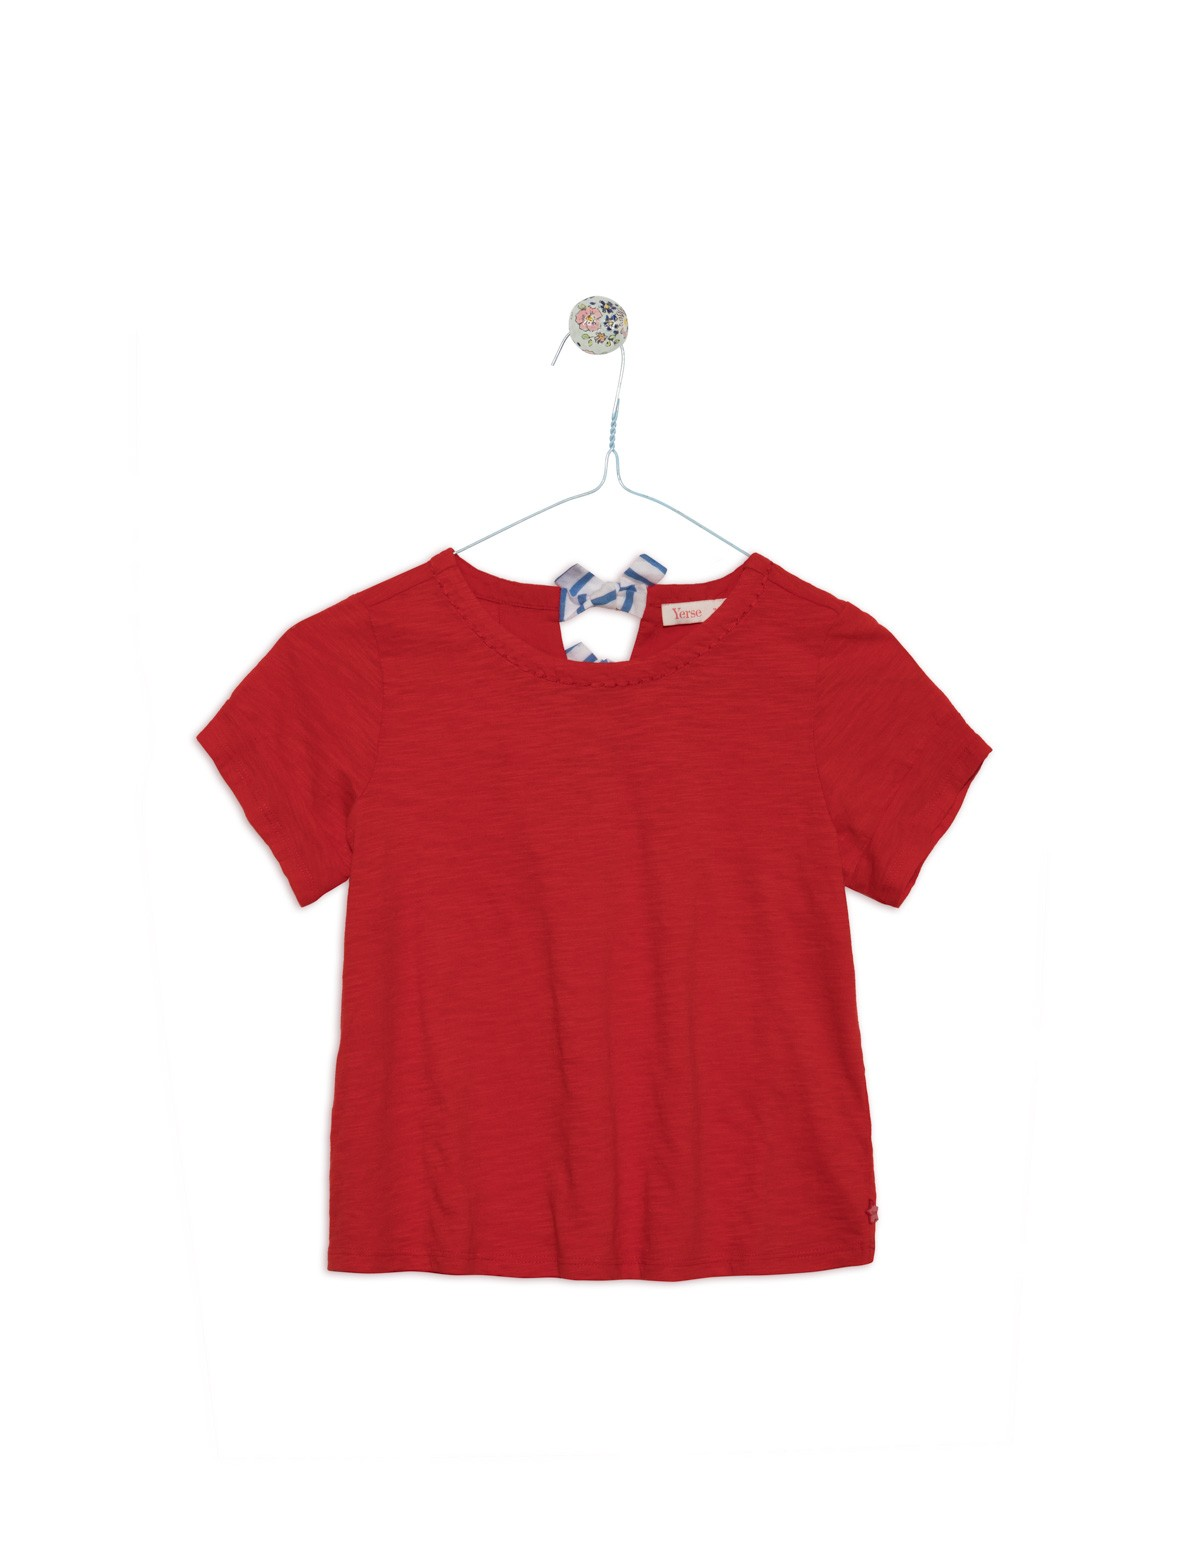 Camiseta espalda anudada